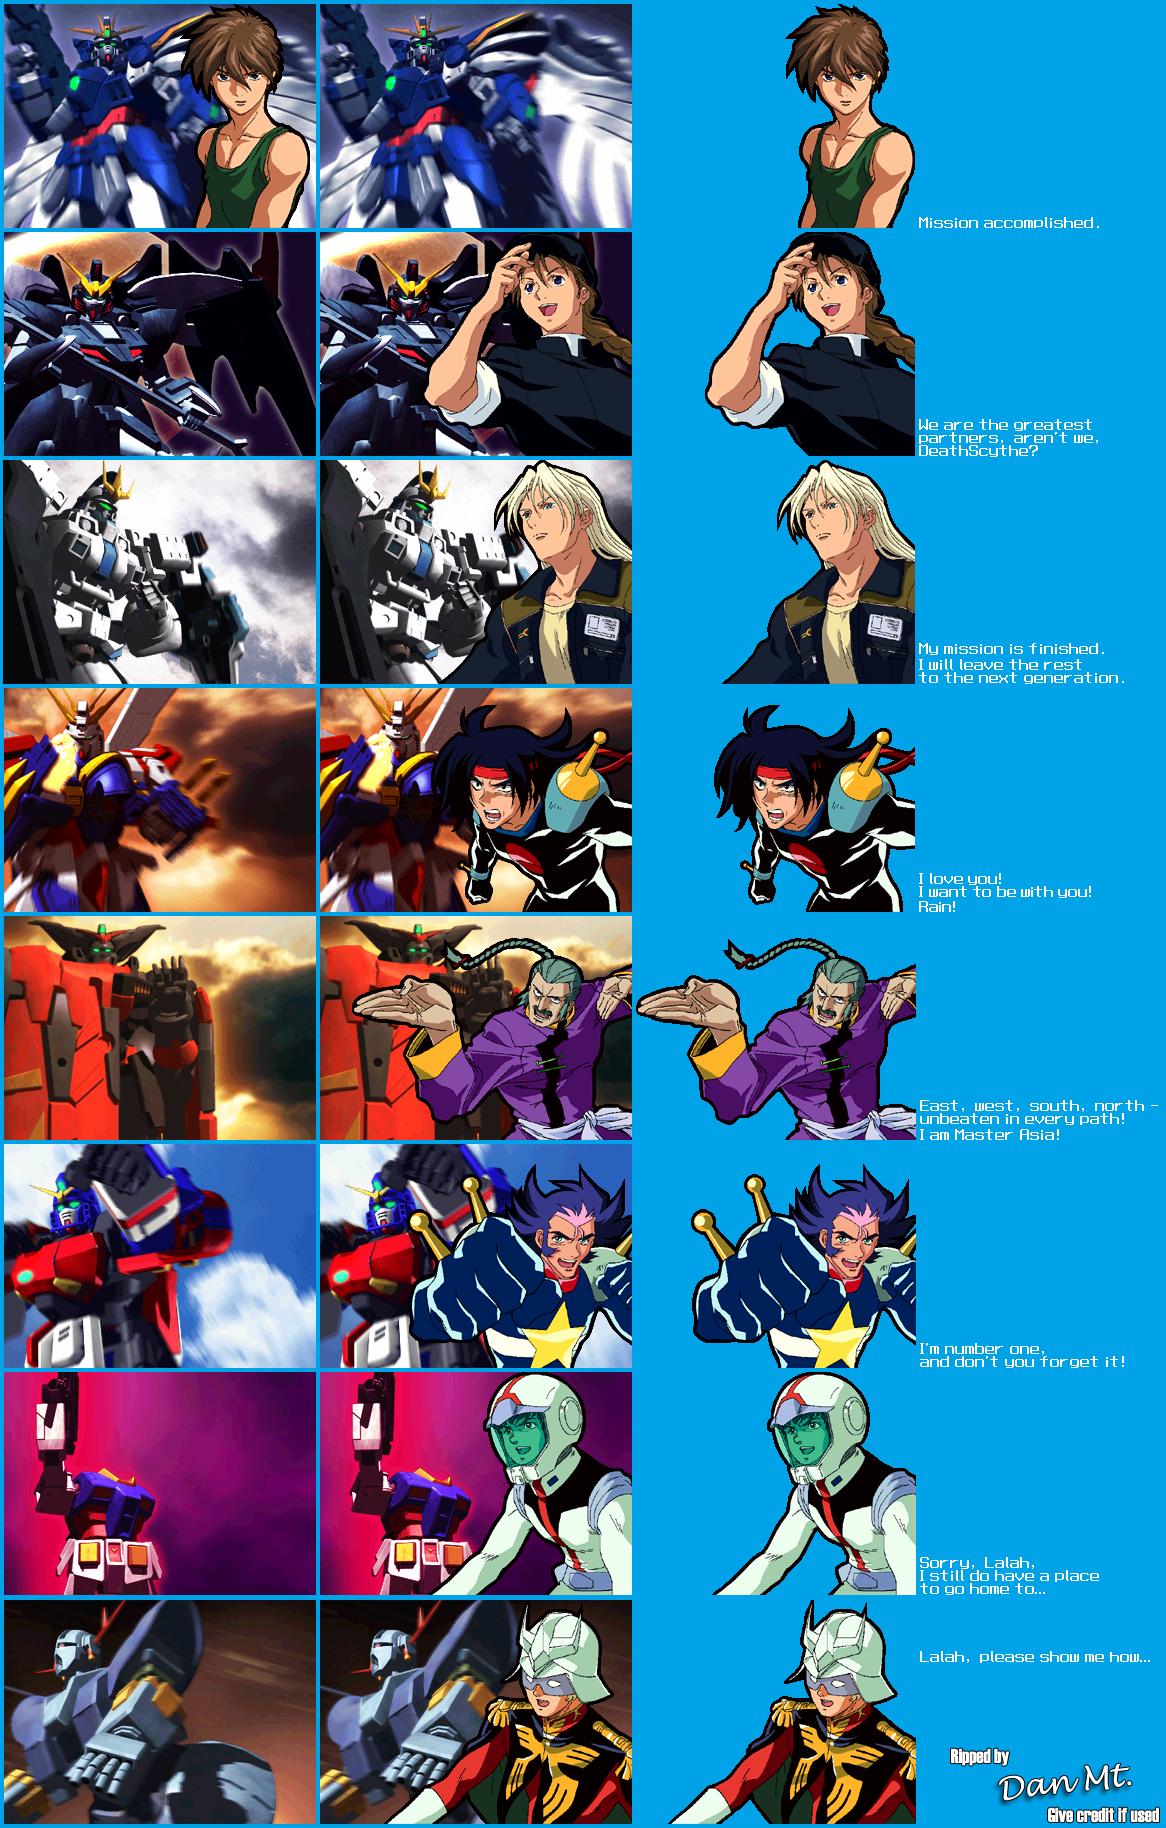 [Análise Retro Game] - Gundam Battle Assault 2 - Playstation One 26fbf61c571eadf338ad2bb36add7bb2